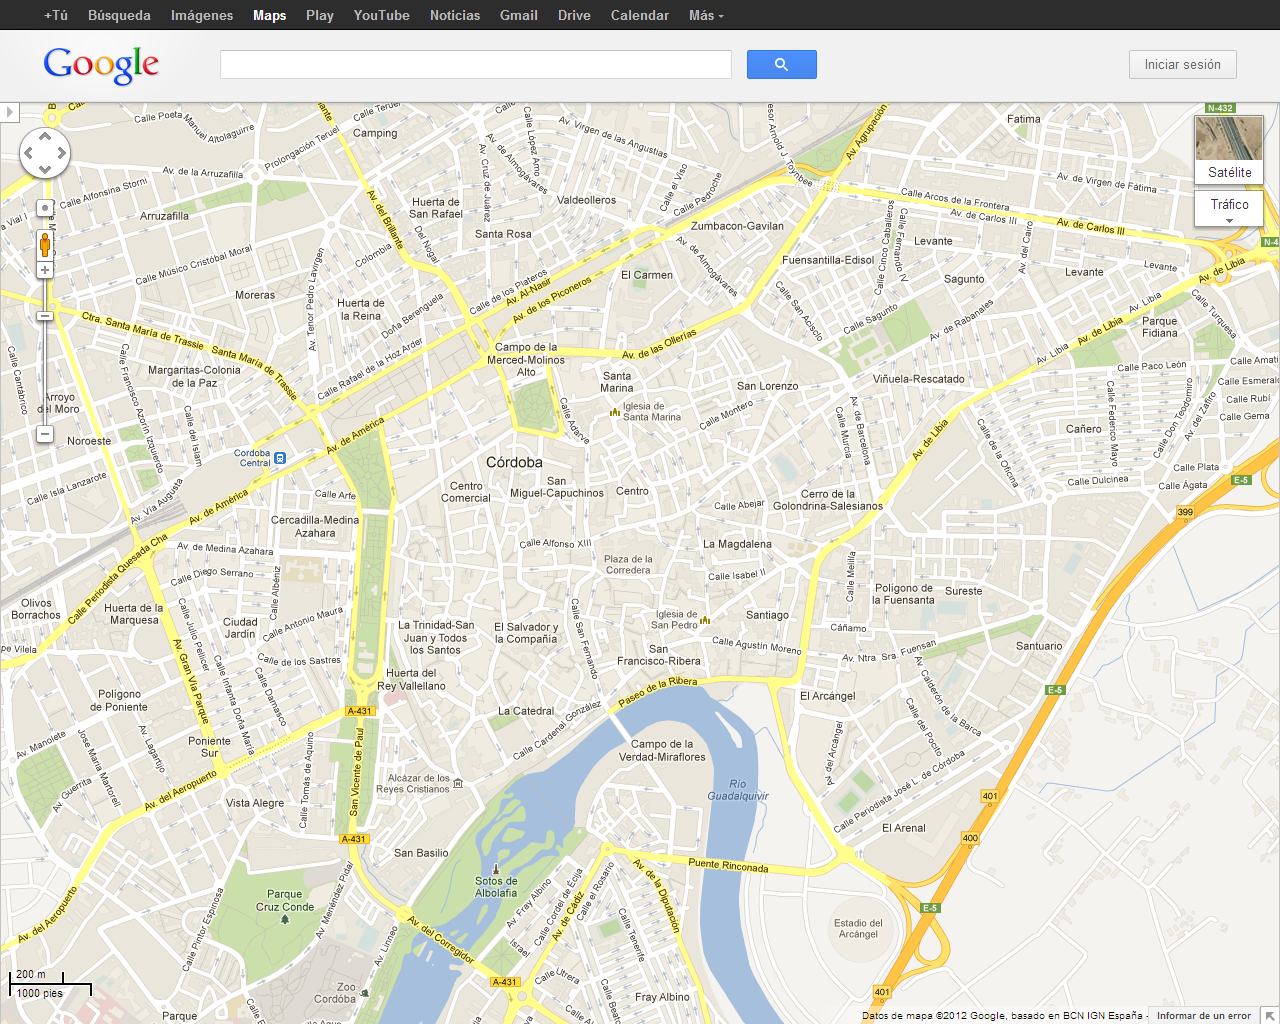 Resultado de imagen de imagenes de google maps y GPS de cordoba